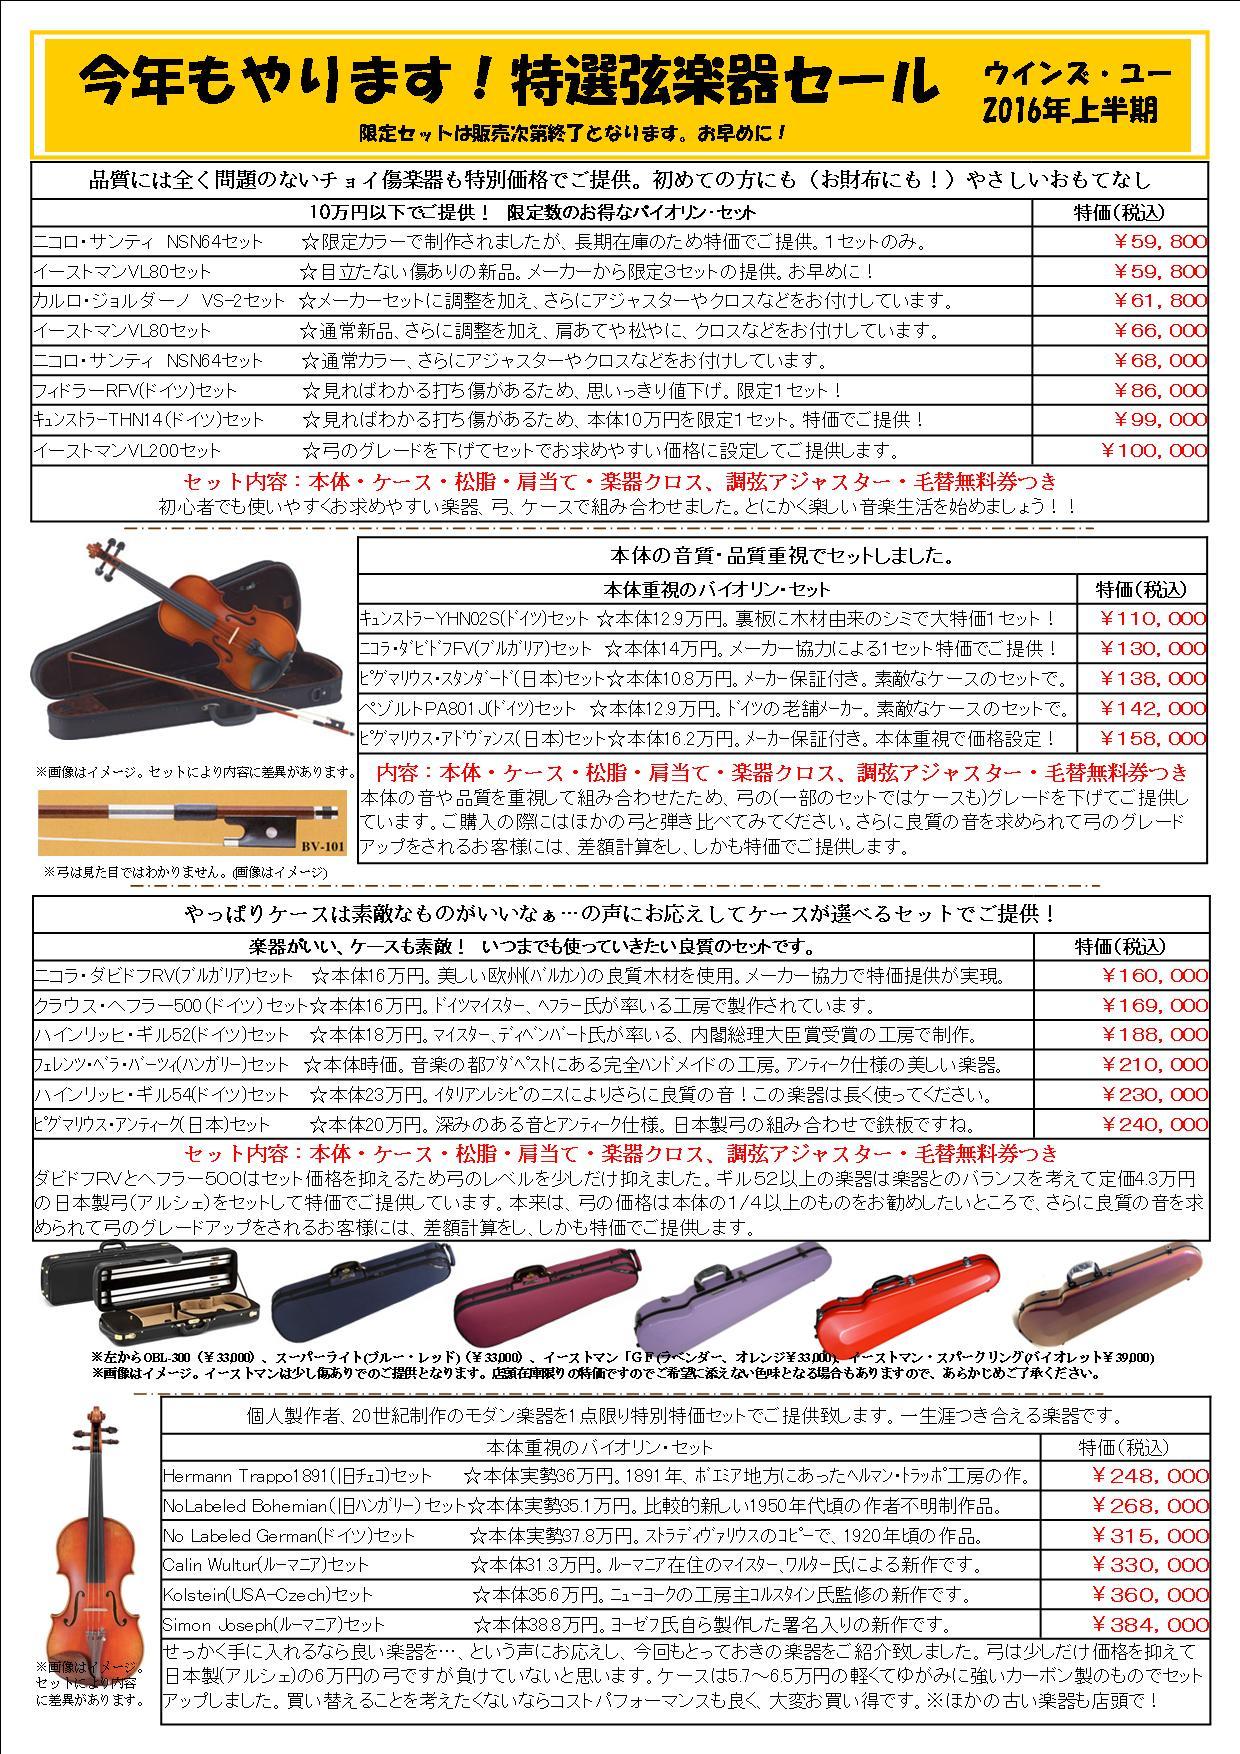 弦楽器学割フェア2016(表)